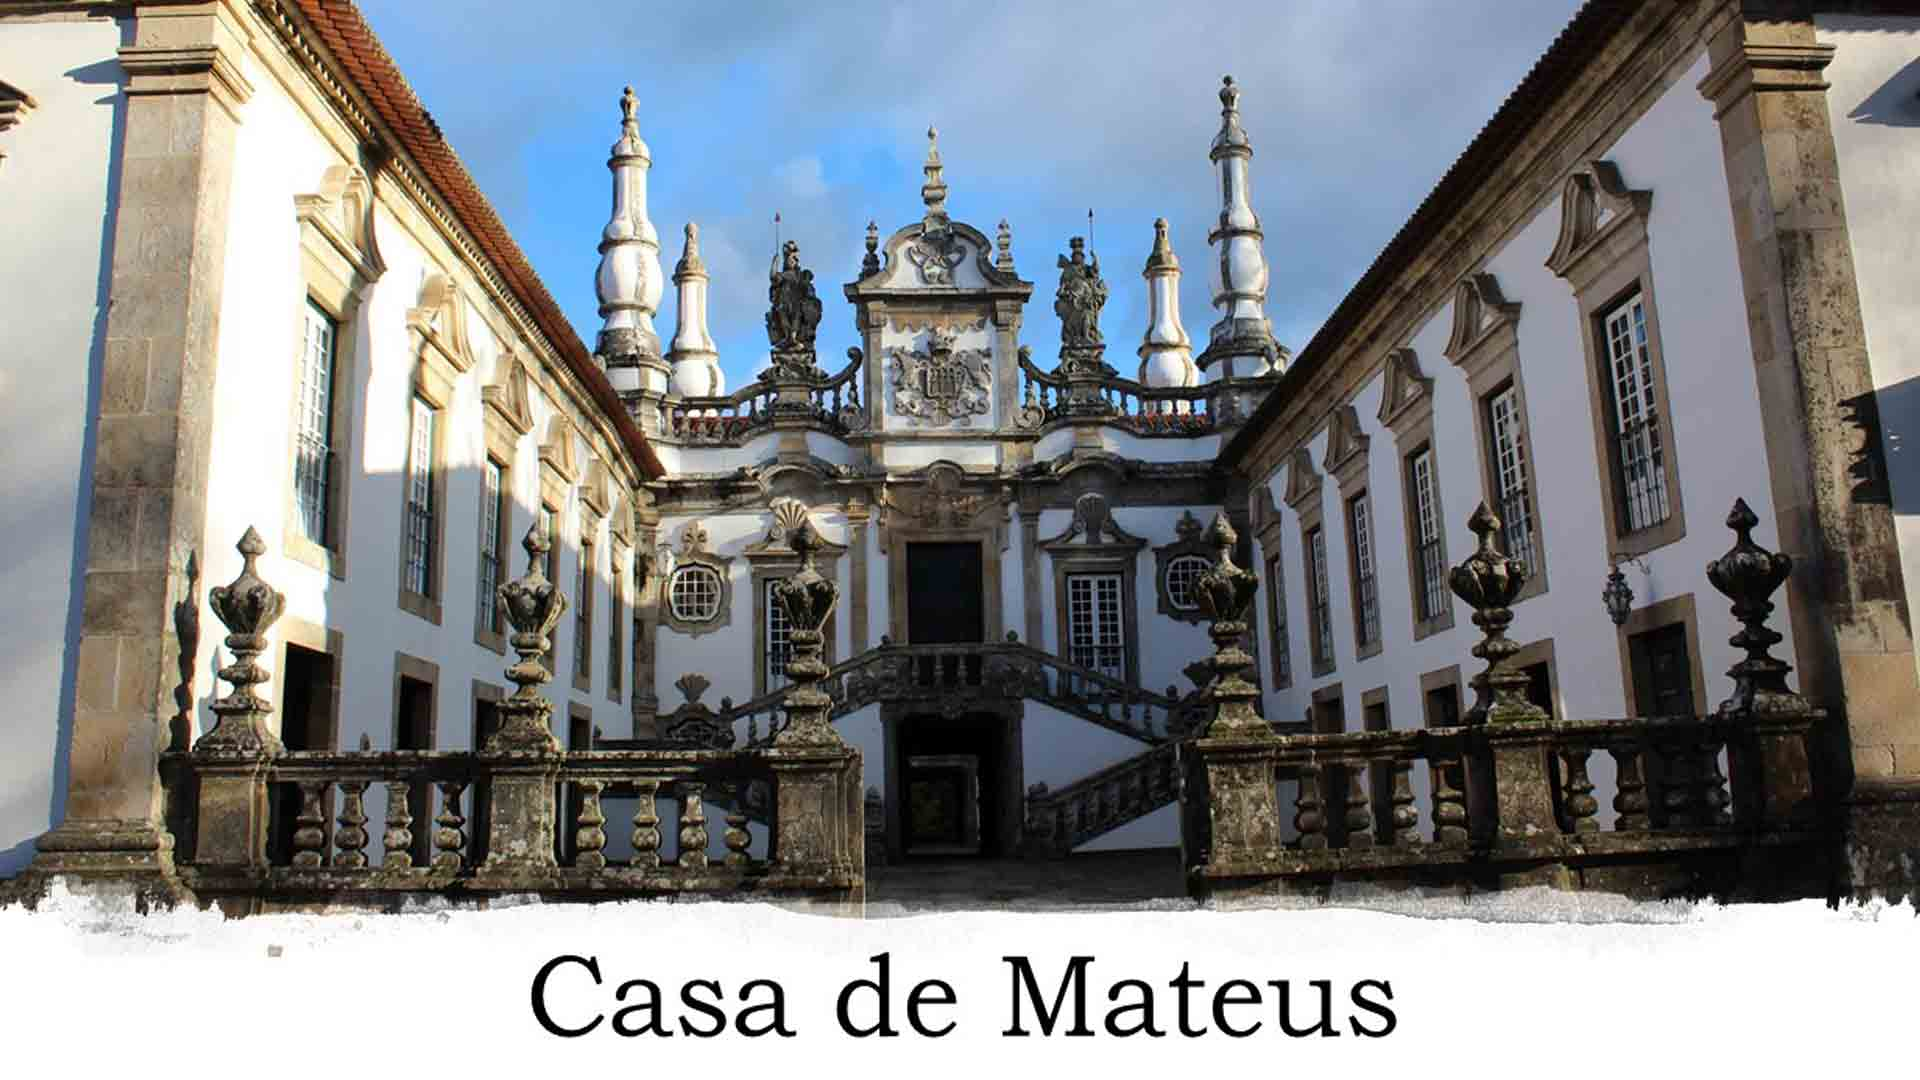 Fachada da Casa de Mateus